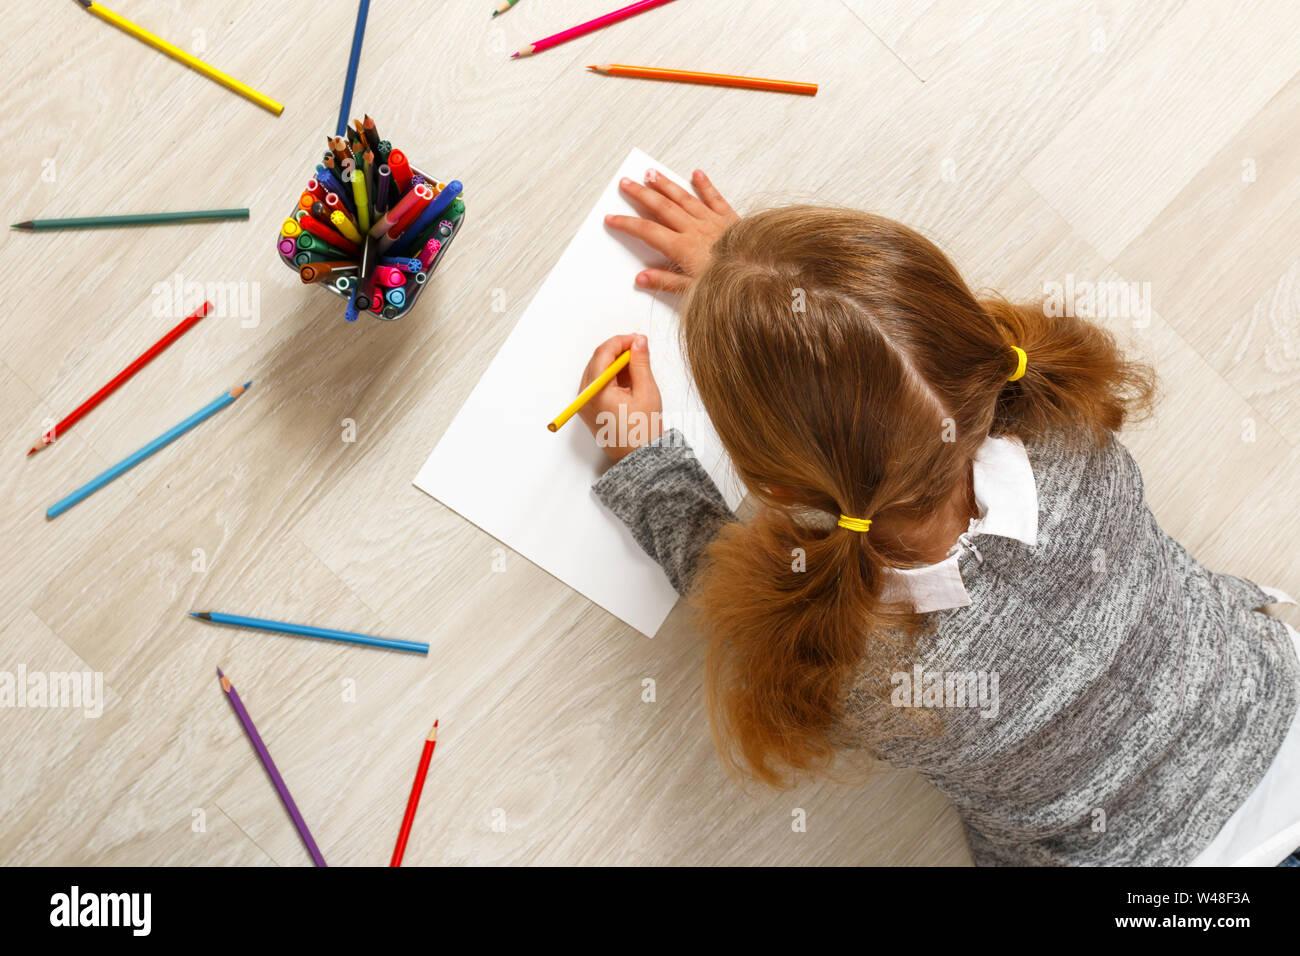 Blick von oben auf ein kleines Mädchen Lügen und Malerei auf dem Boden in ihrem Zimmer zu Hause. Stockfoto